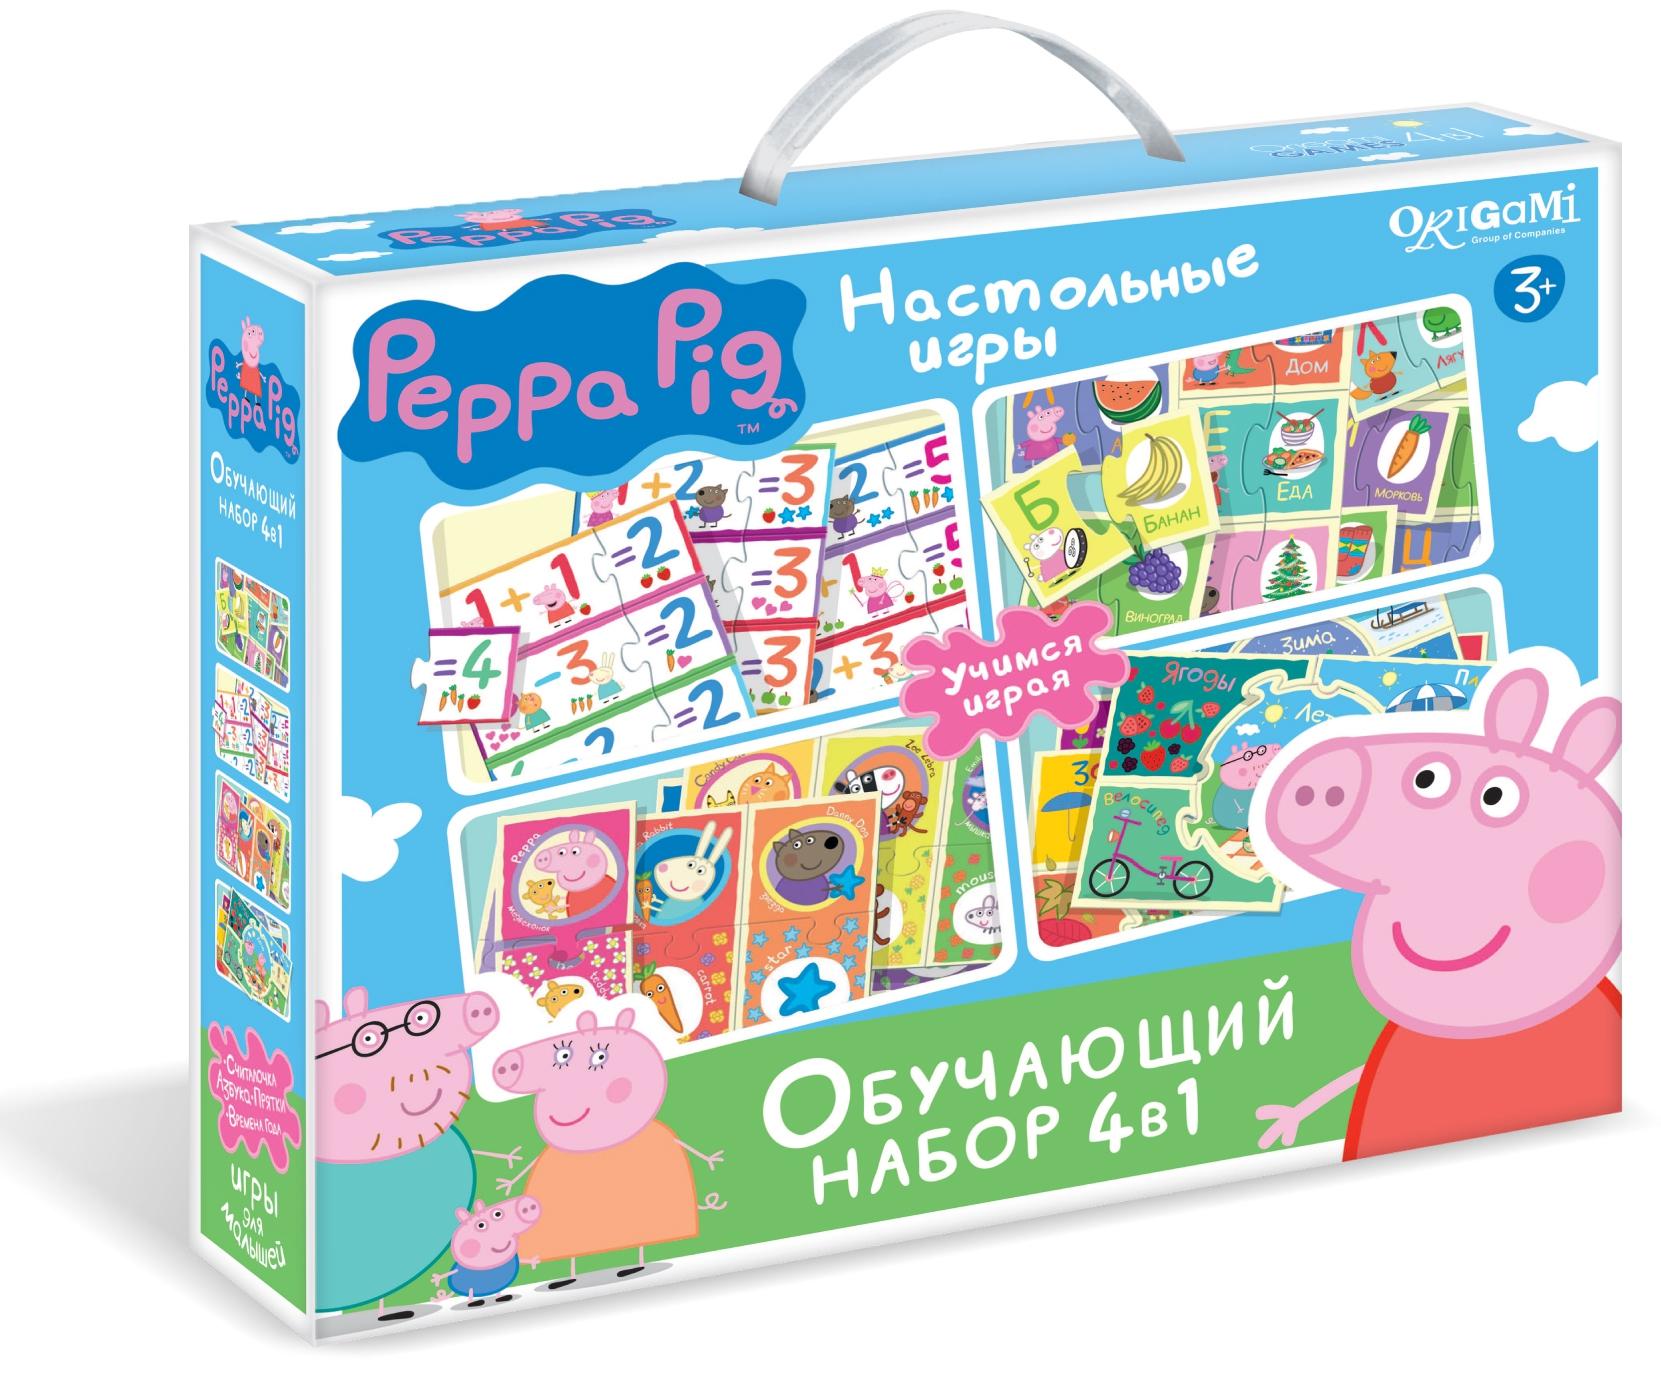 Купить Обучающий набор Origami «Peppa Pig» 4 в 1, Россия, azure